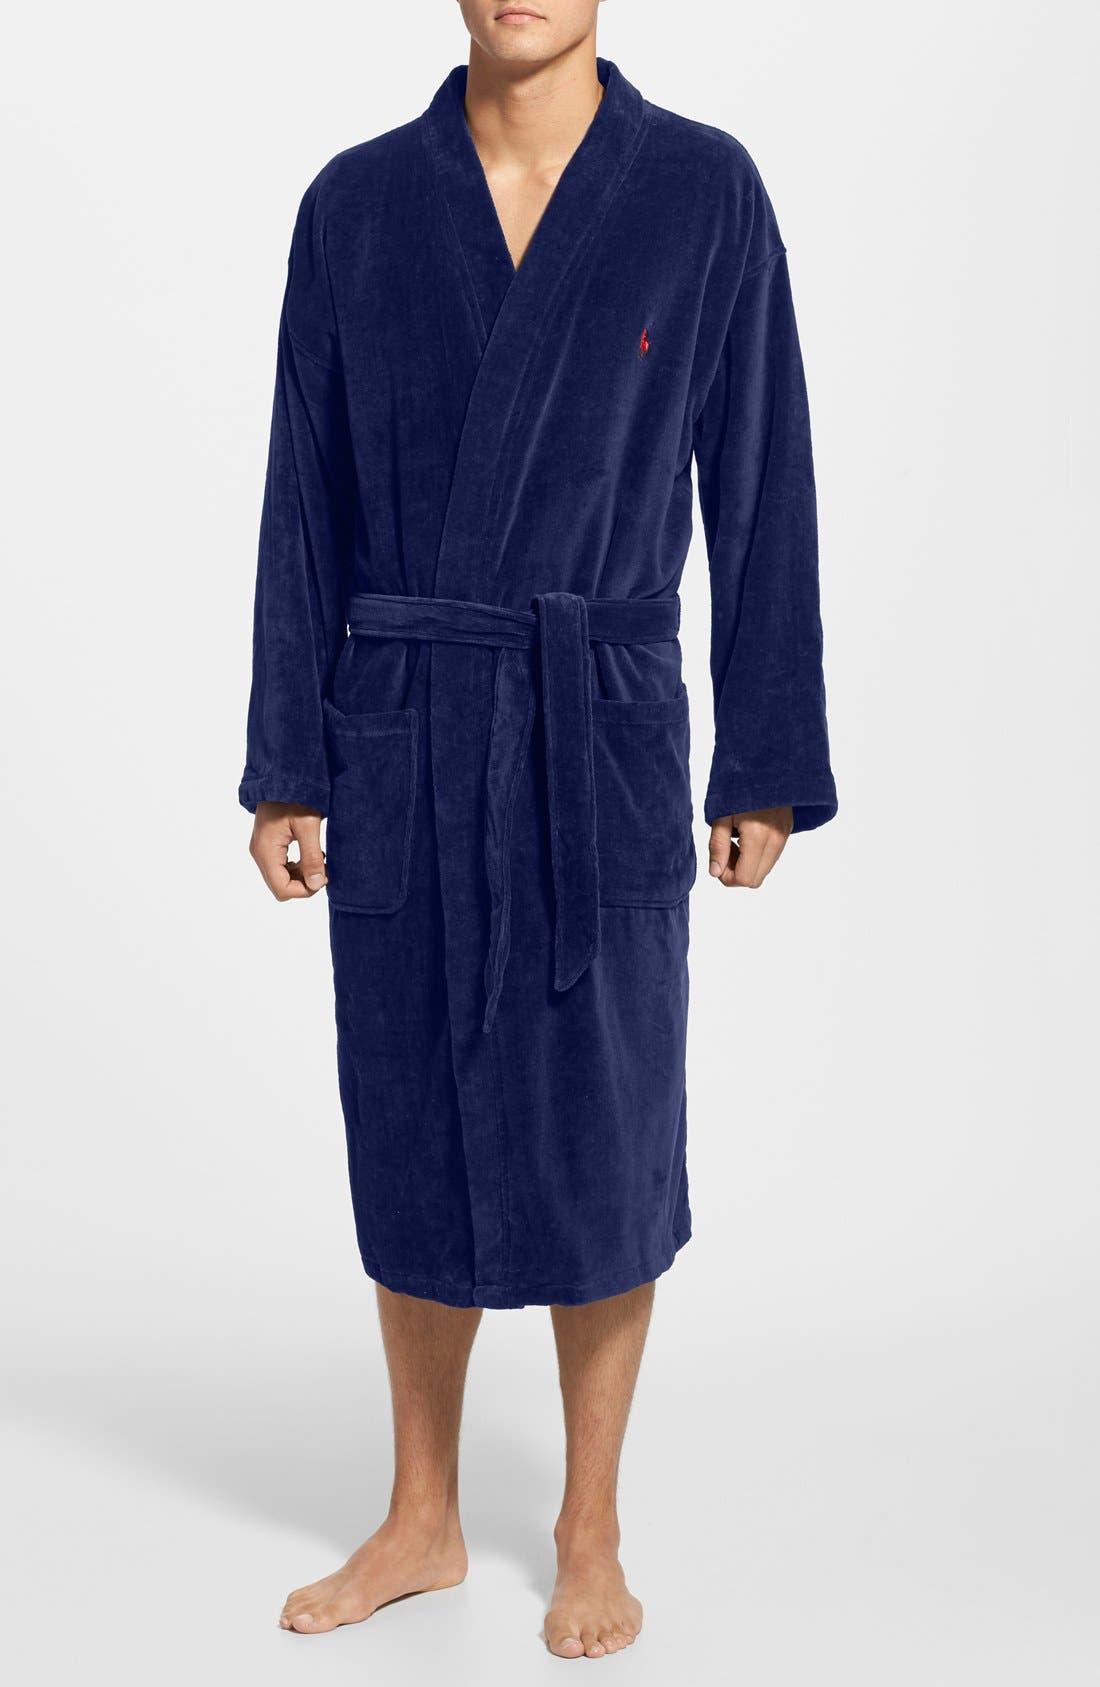 Cotton Fleece Robe,                             Main thumbnail 1, color,                             NAVY